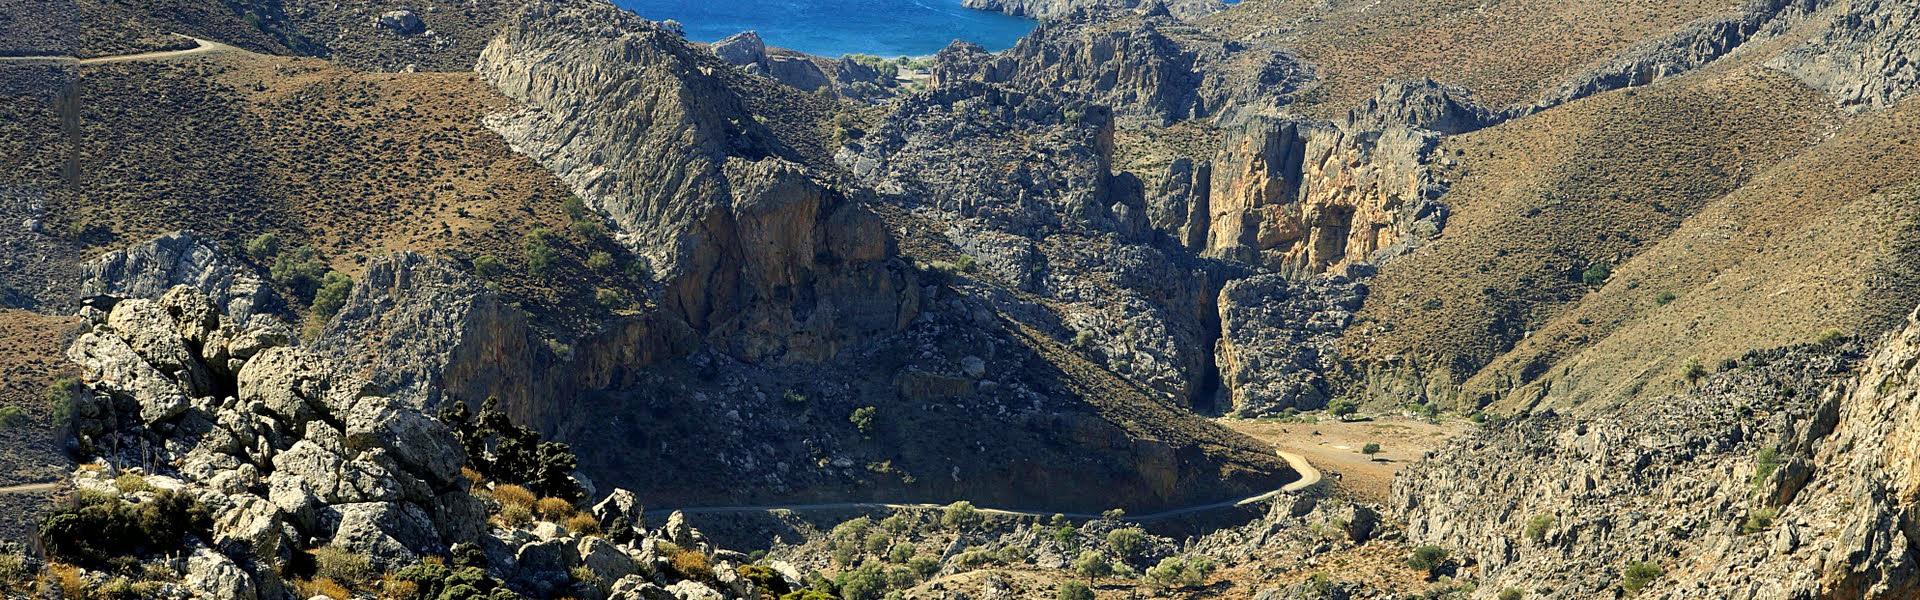 Tripiti Gorge by Lendas